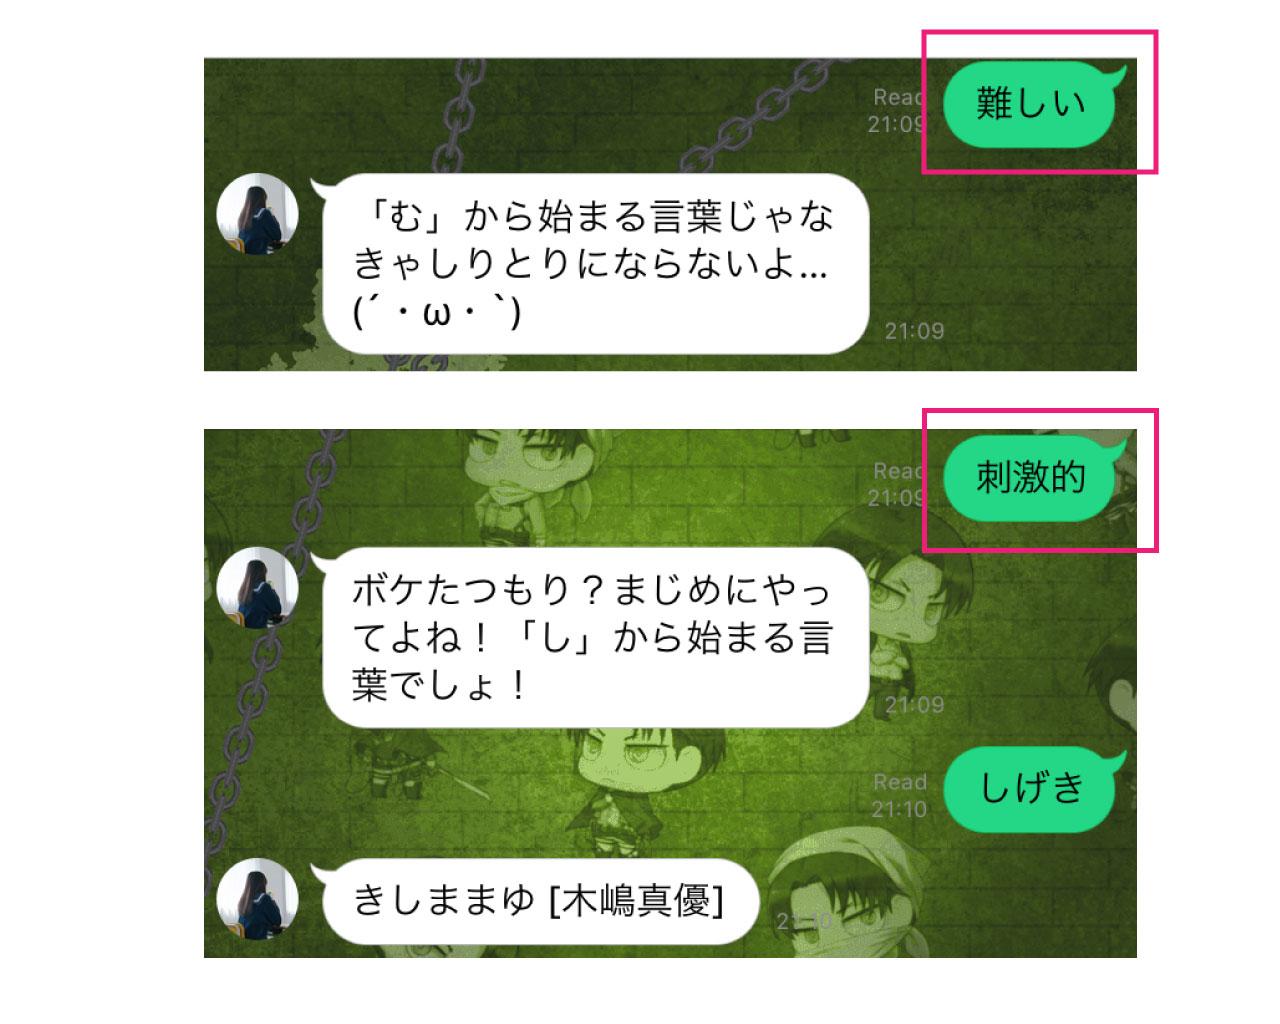 ms-rinna-shiritori-japanese-word-chain-game-5